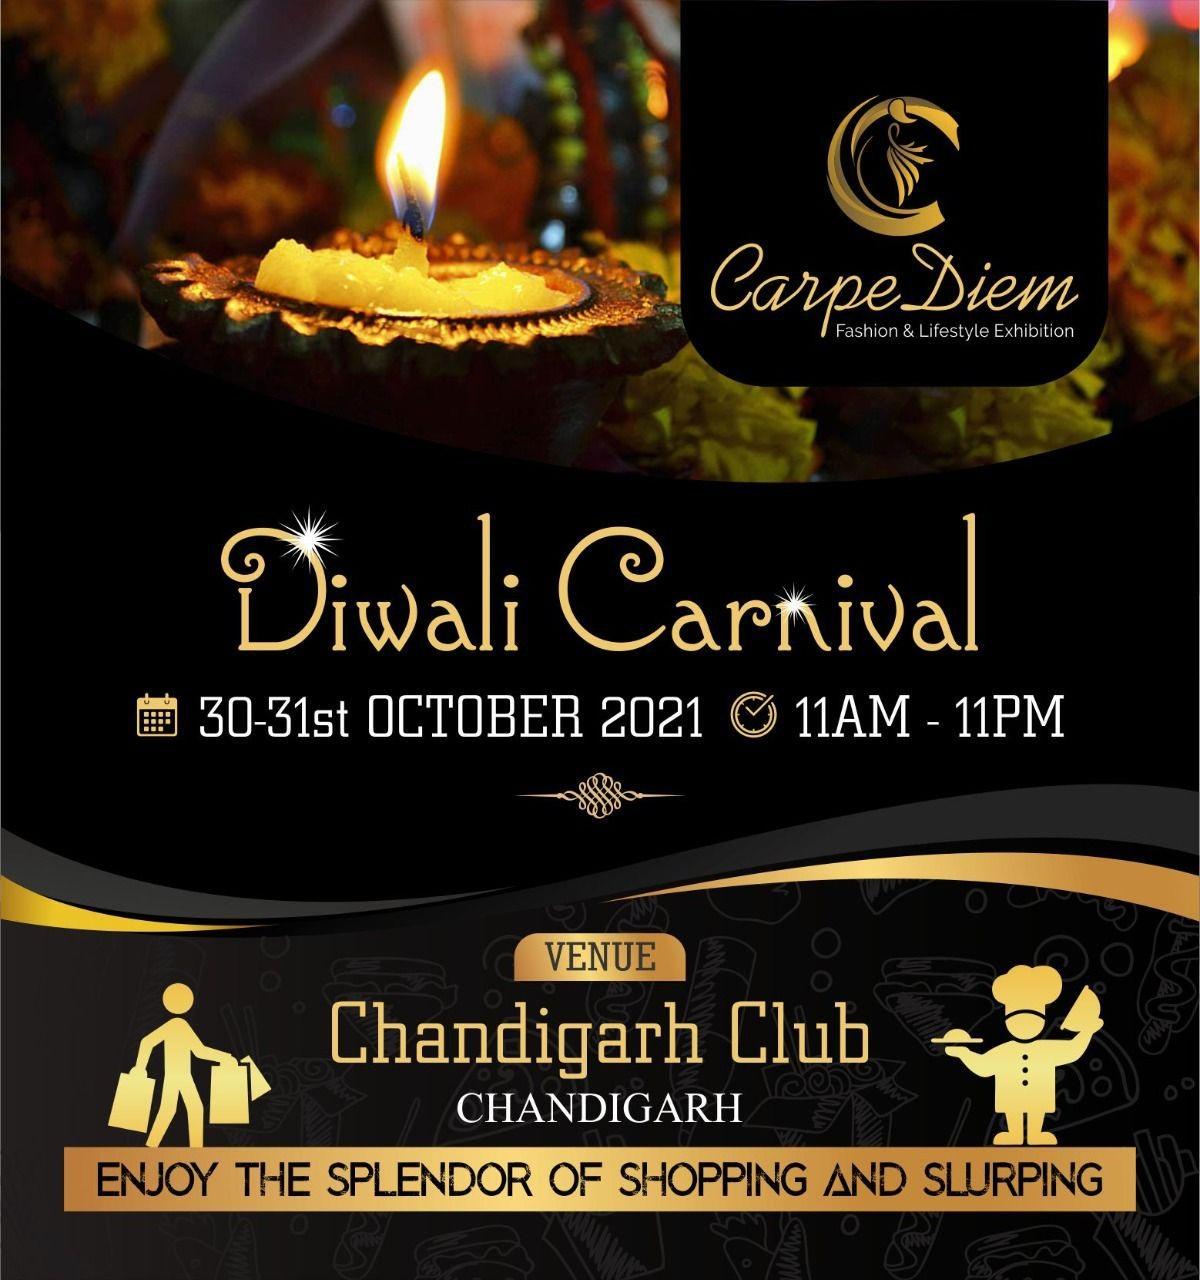 Diwali Carnival